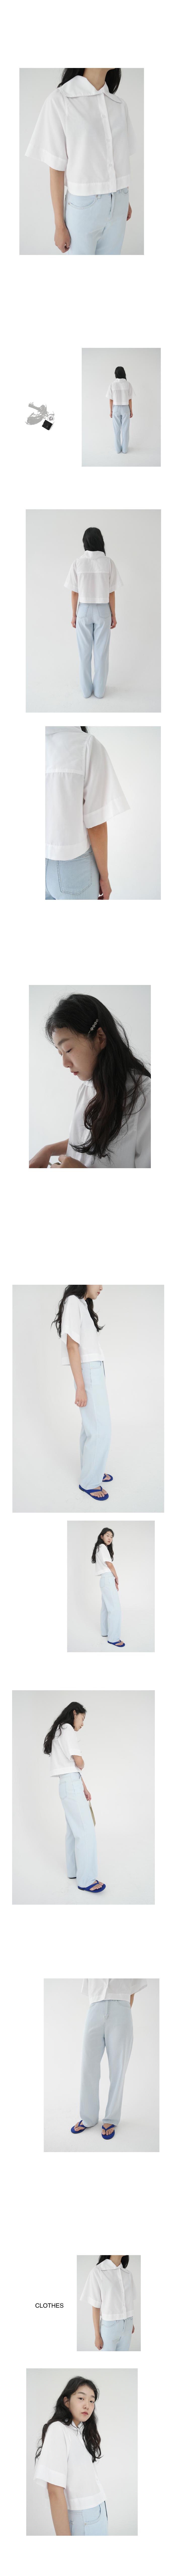 light texture high-waist pants